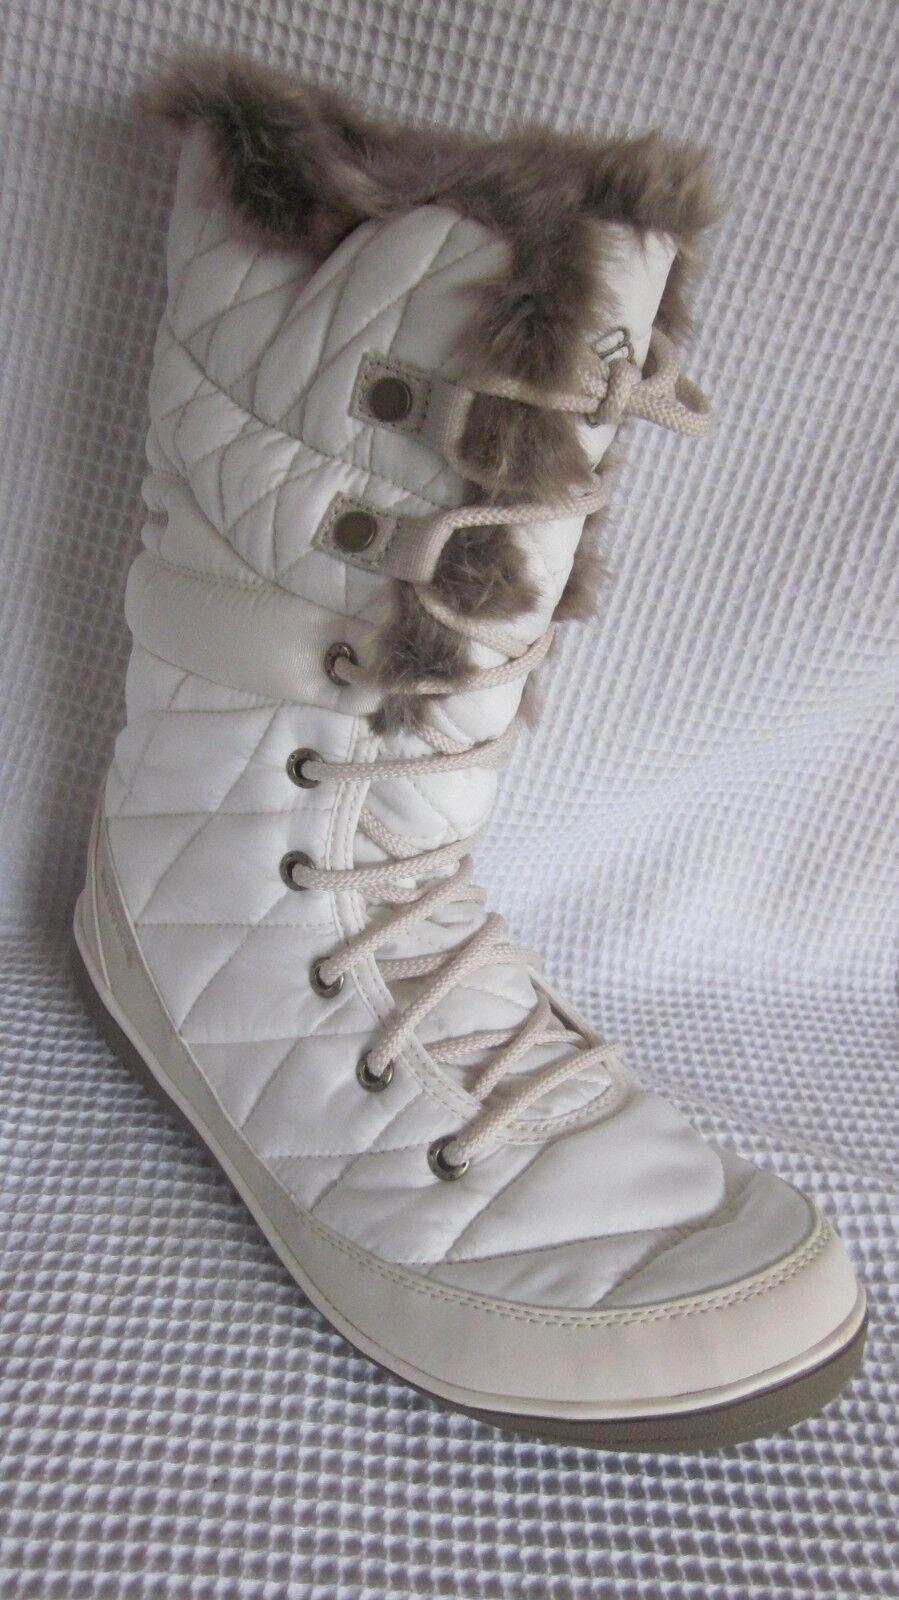 Nuevo Mujeres Celestial Celestial Celestial Columbia Omni-Heat aislado Impermeable Nieve botas De Invierno talla 9  a la venta